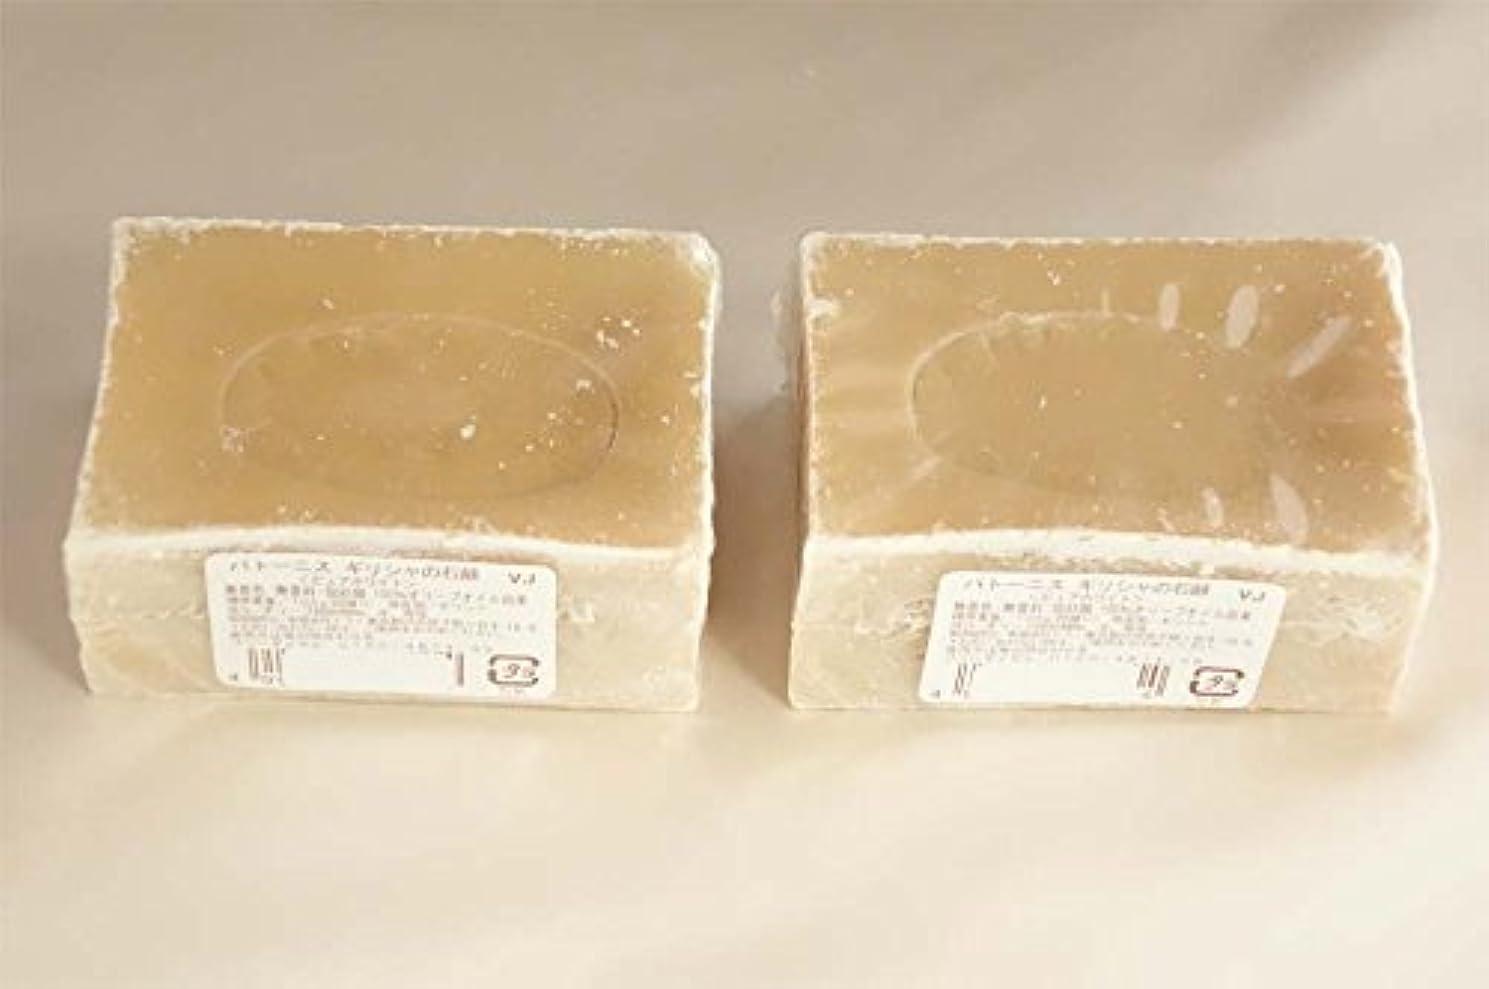 掻くおとなしい収縮パトーニス ギリシャの石けん ピュアホワイト 100g ×2個パック / オーガニック エキストラバージンオリーブオイル / 無添加 / 洗顔 / 全身